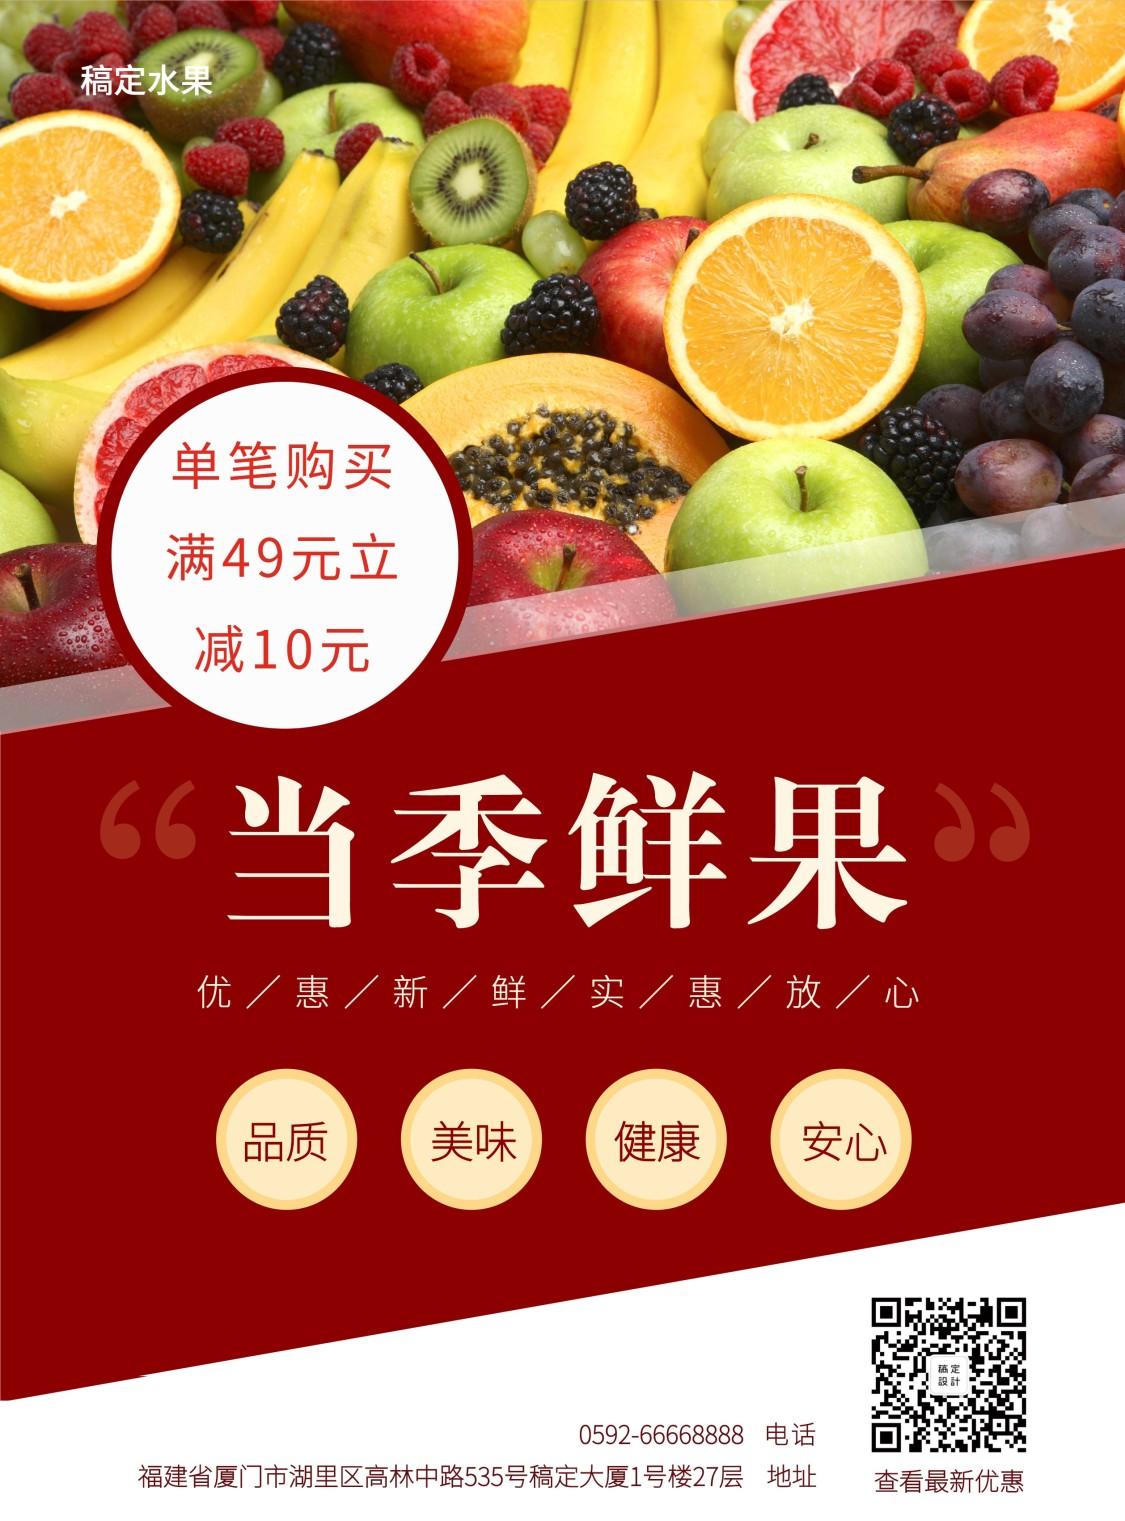 餐饮美食/简约/水果上新/张贴海报